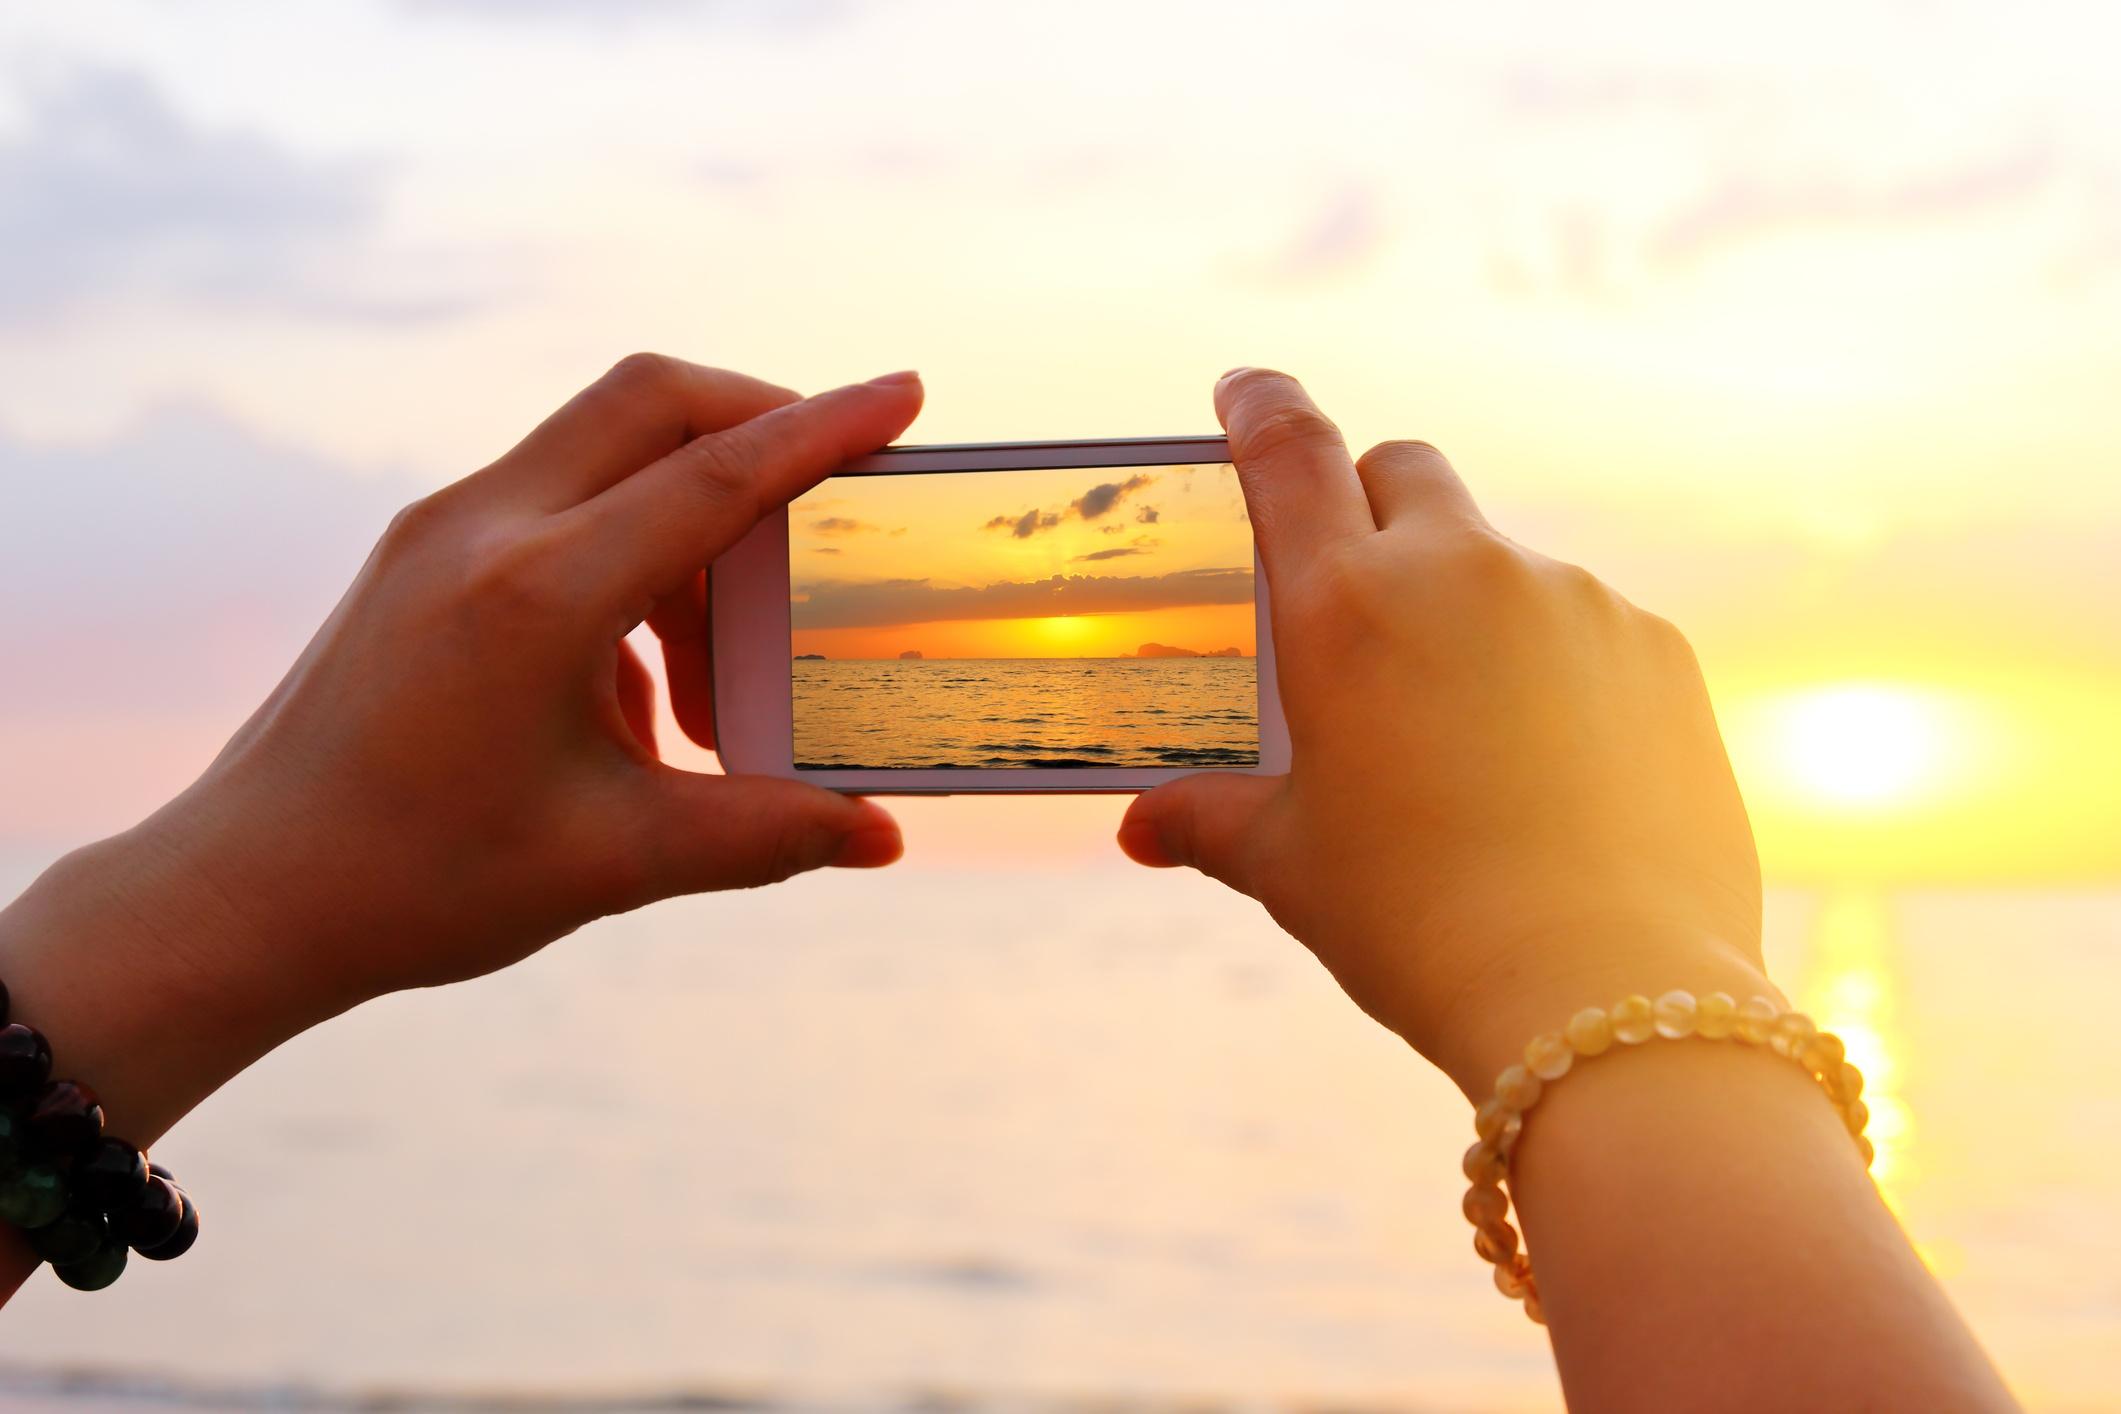 Conceptos básicos para tomar fotografías con el teléfono: cómo tomar buenas fotografías con tu teléfono